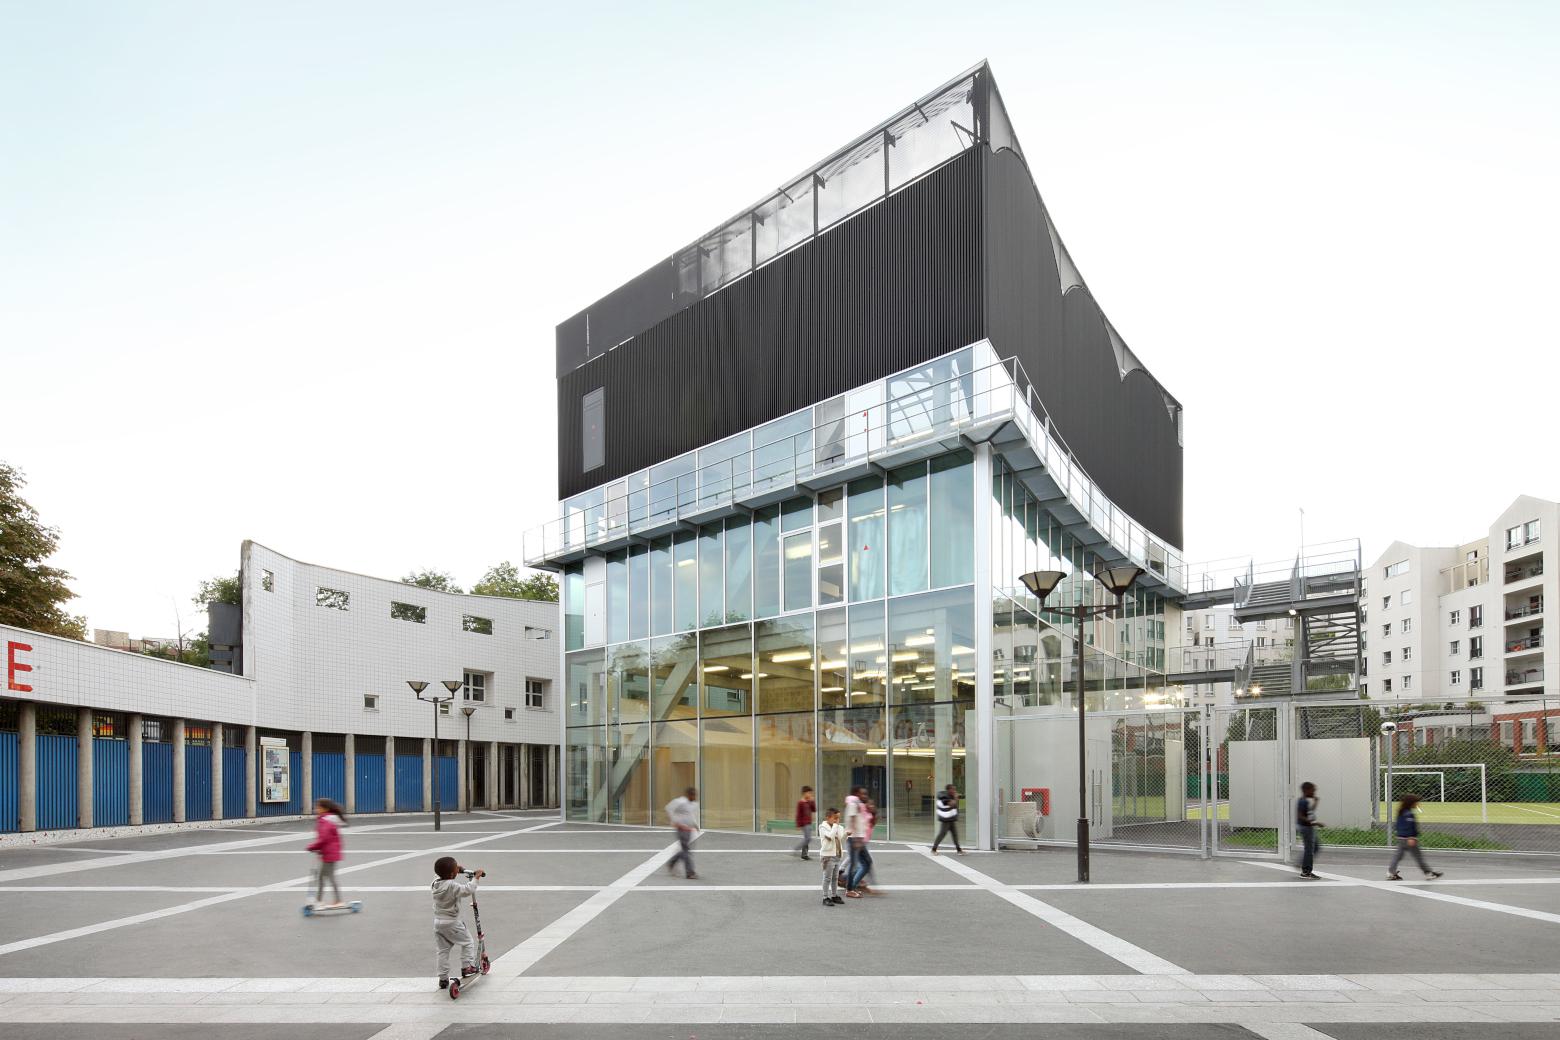 Die Architektur des Realen in Frankreich Bruther: Kultur- und Sportzentrum in Saint-Blaise, Paris, 2014 © Filip Dujardin Perspektive